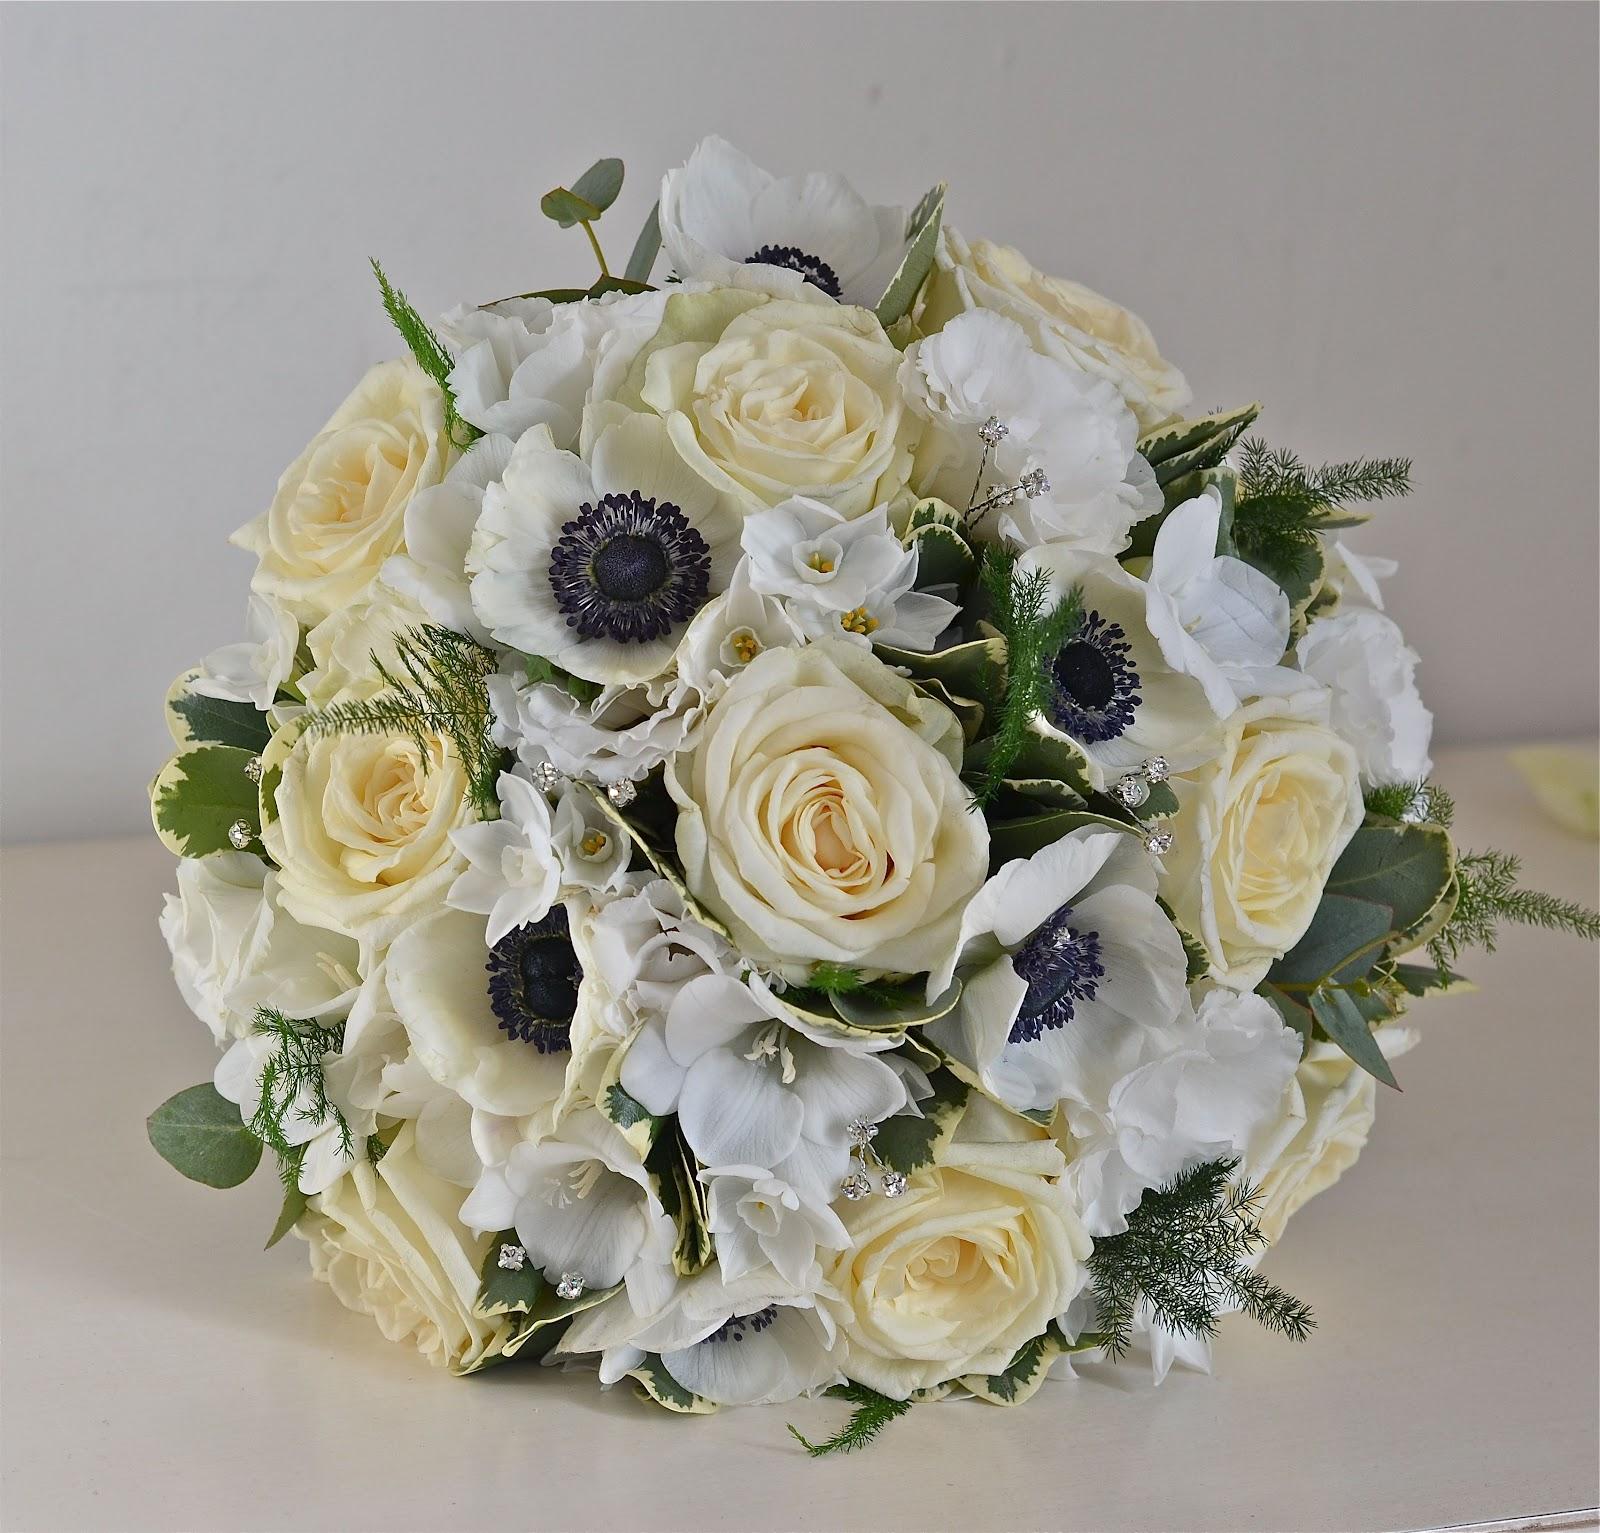 Wedding Flowers In February: Wedding Flowers Blog: Rachels's Vintage Wedding Flowers